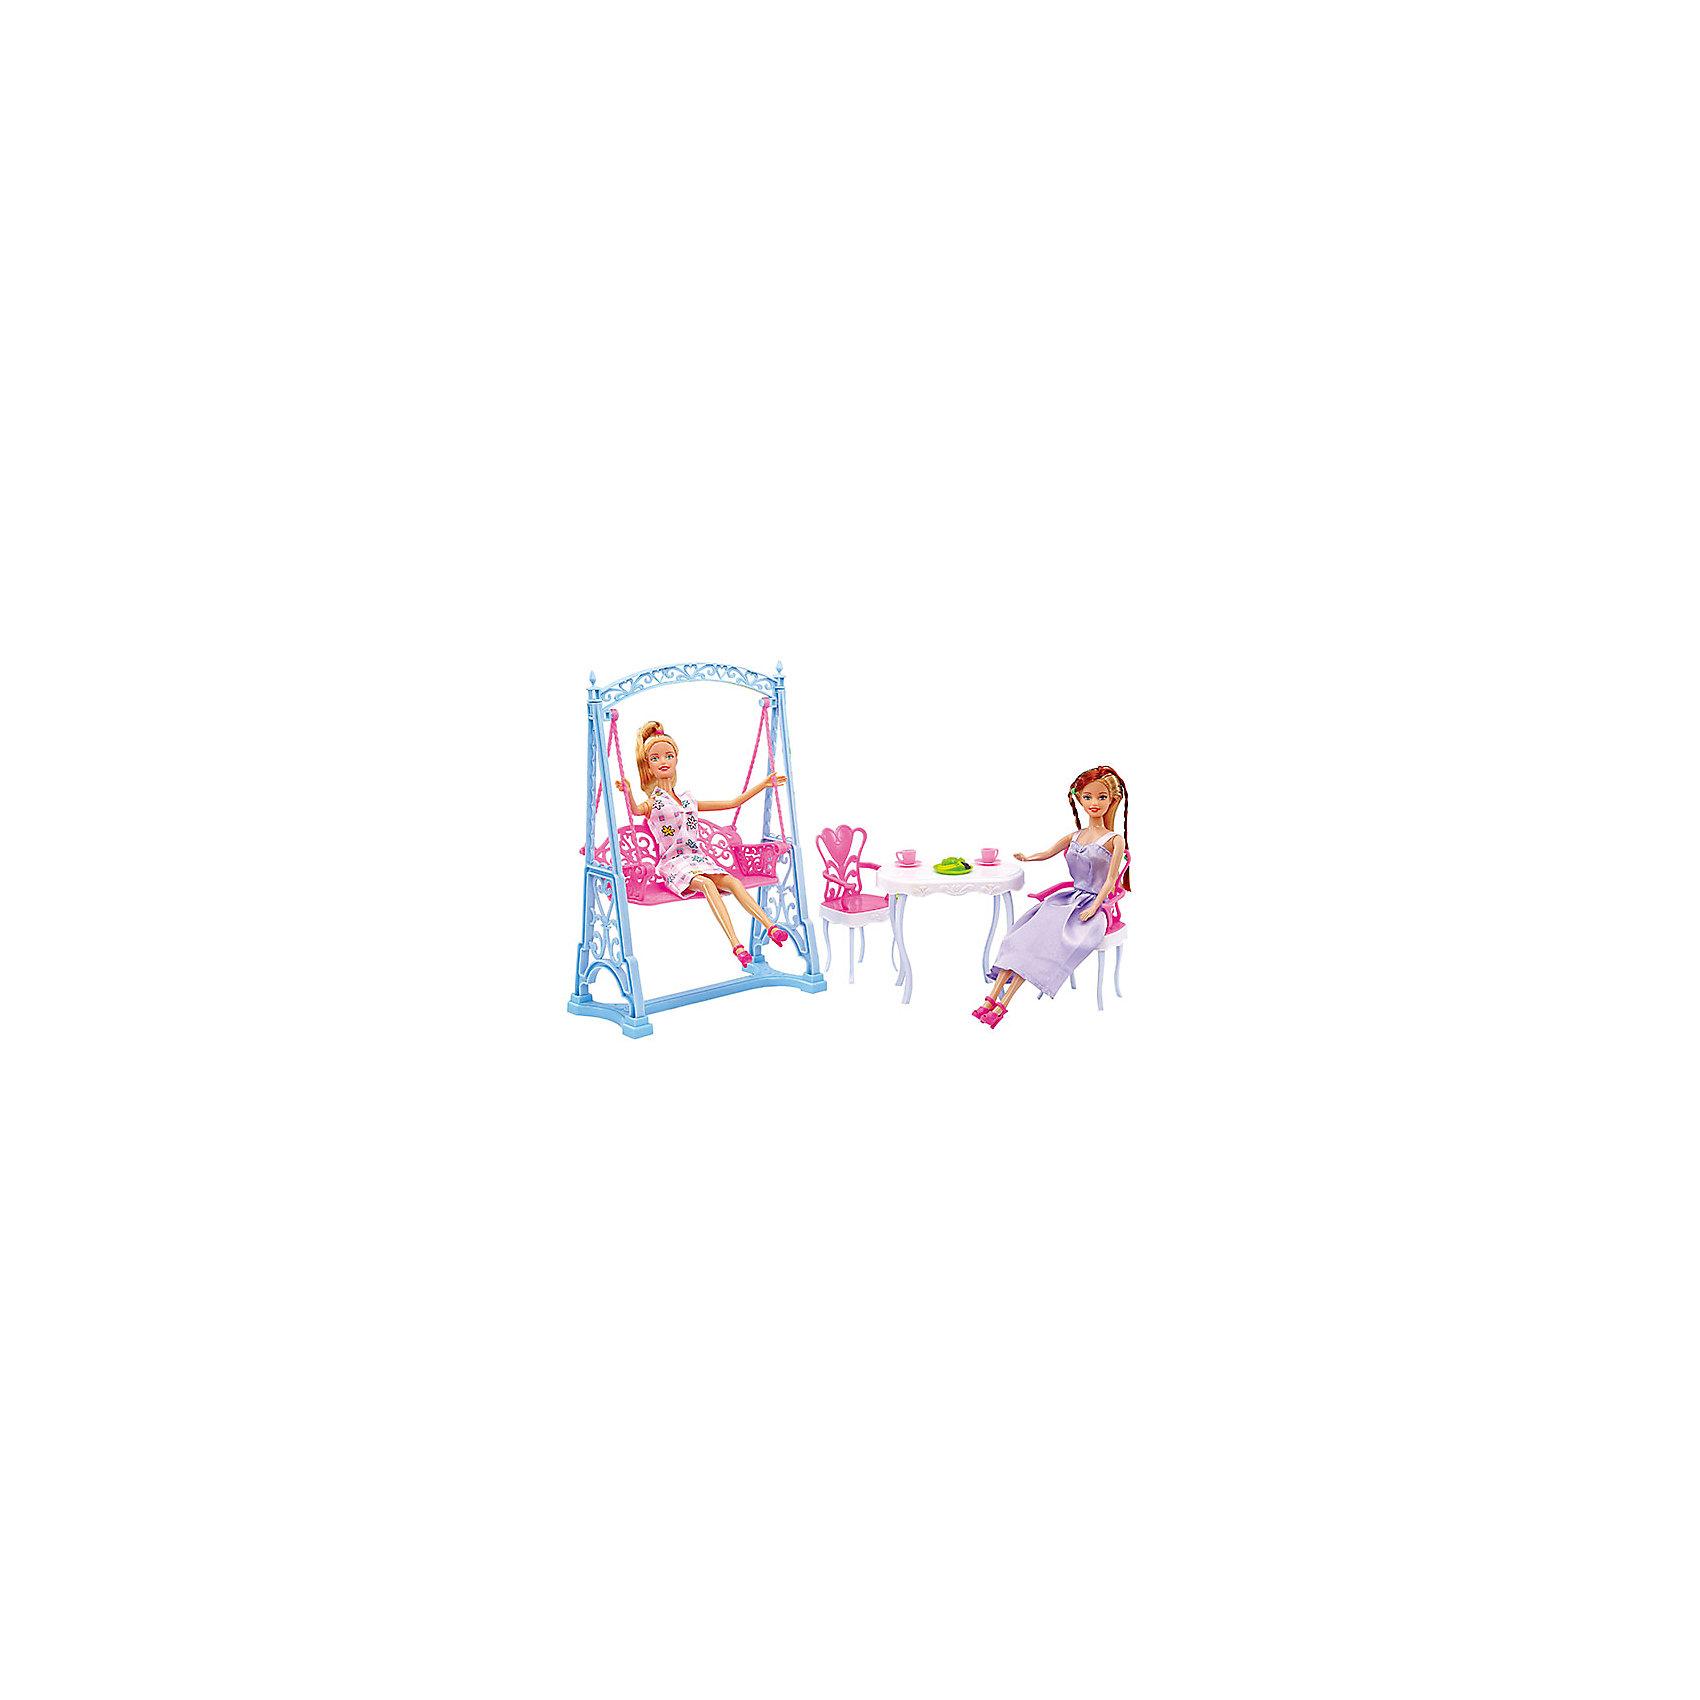 Набор мебели для кукол Вечеринка в саду, DollyToyИдеи подарков<br><br><br>Ширина мм: 290<br>Глубина мм: 200<br>Высота мм: 70<br>Вес г: 460<br>Возраст от месяцев: 36<br>Возраст до месяцев: 72<br>Пол: Женский<br>Возраст: Детский<br>SKU: 5581279